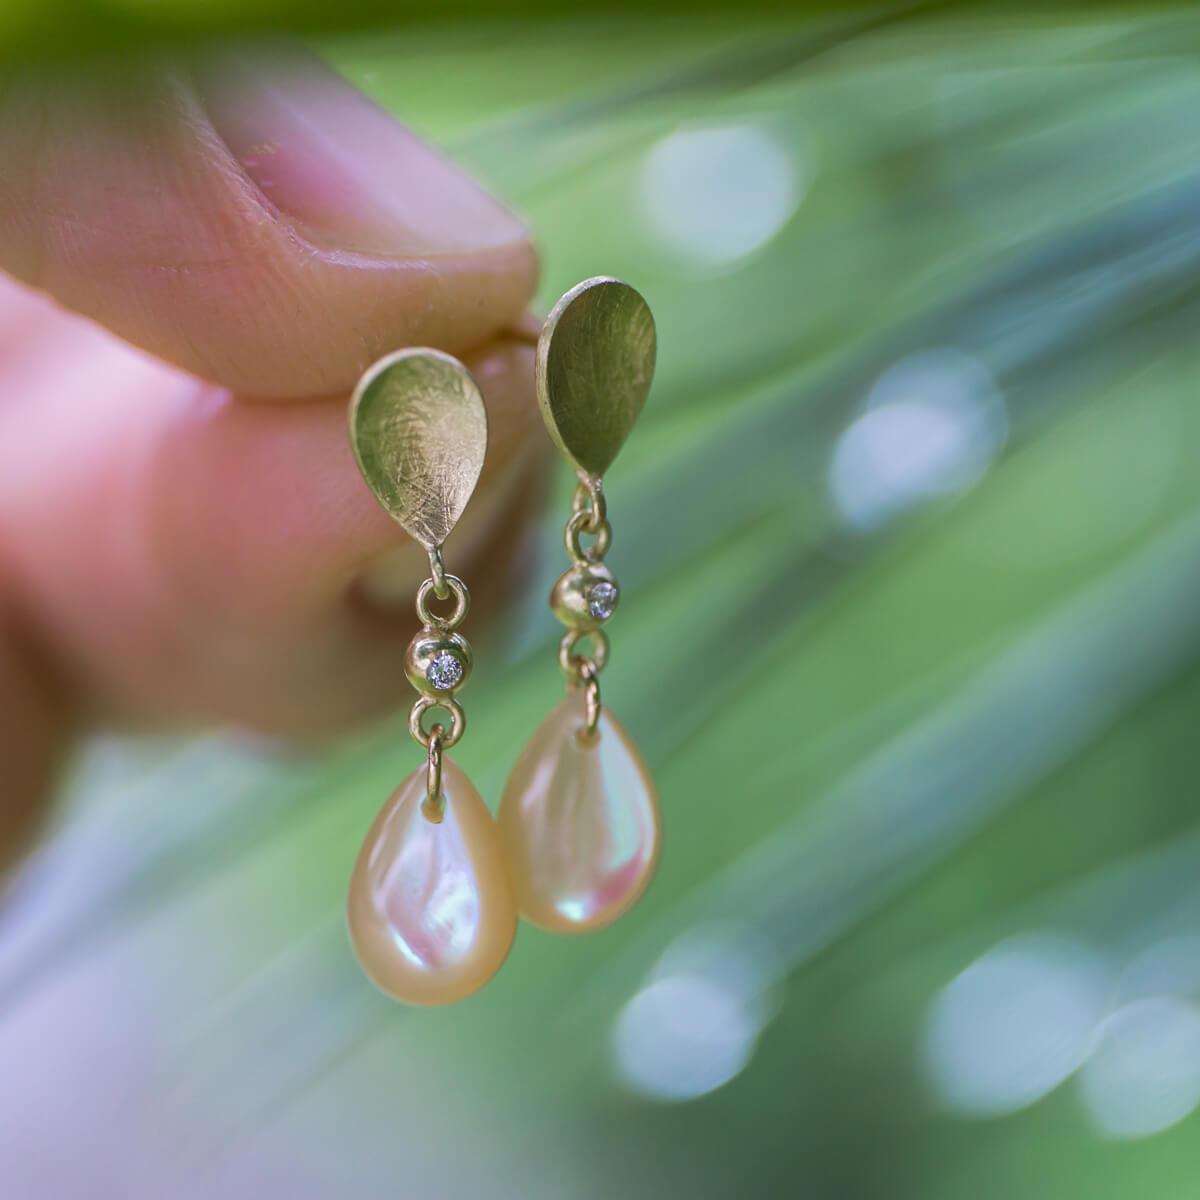 屋久島の雨をプレゼントに。貝殻とゴールドで作った、しずく型のピアス